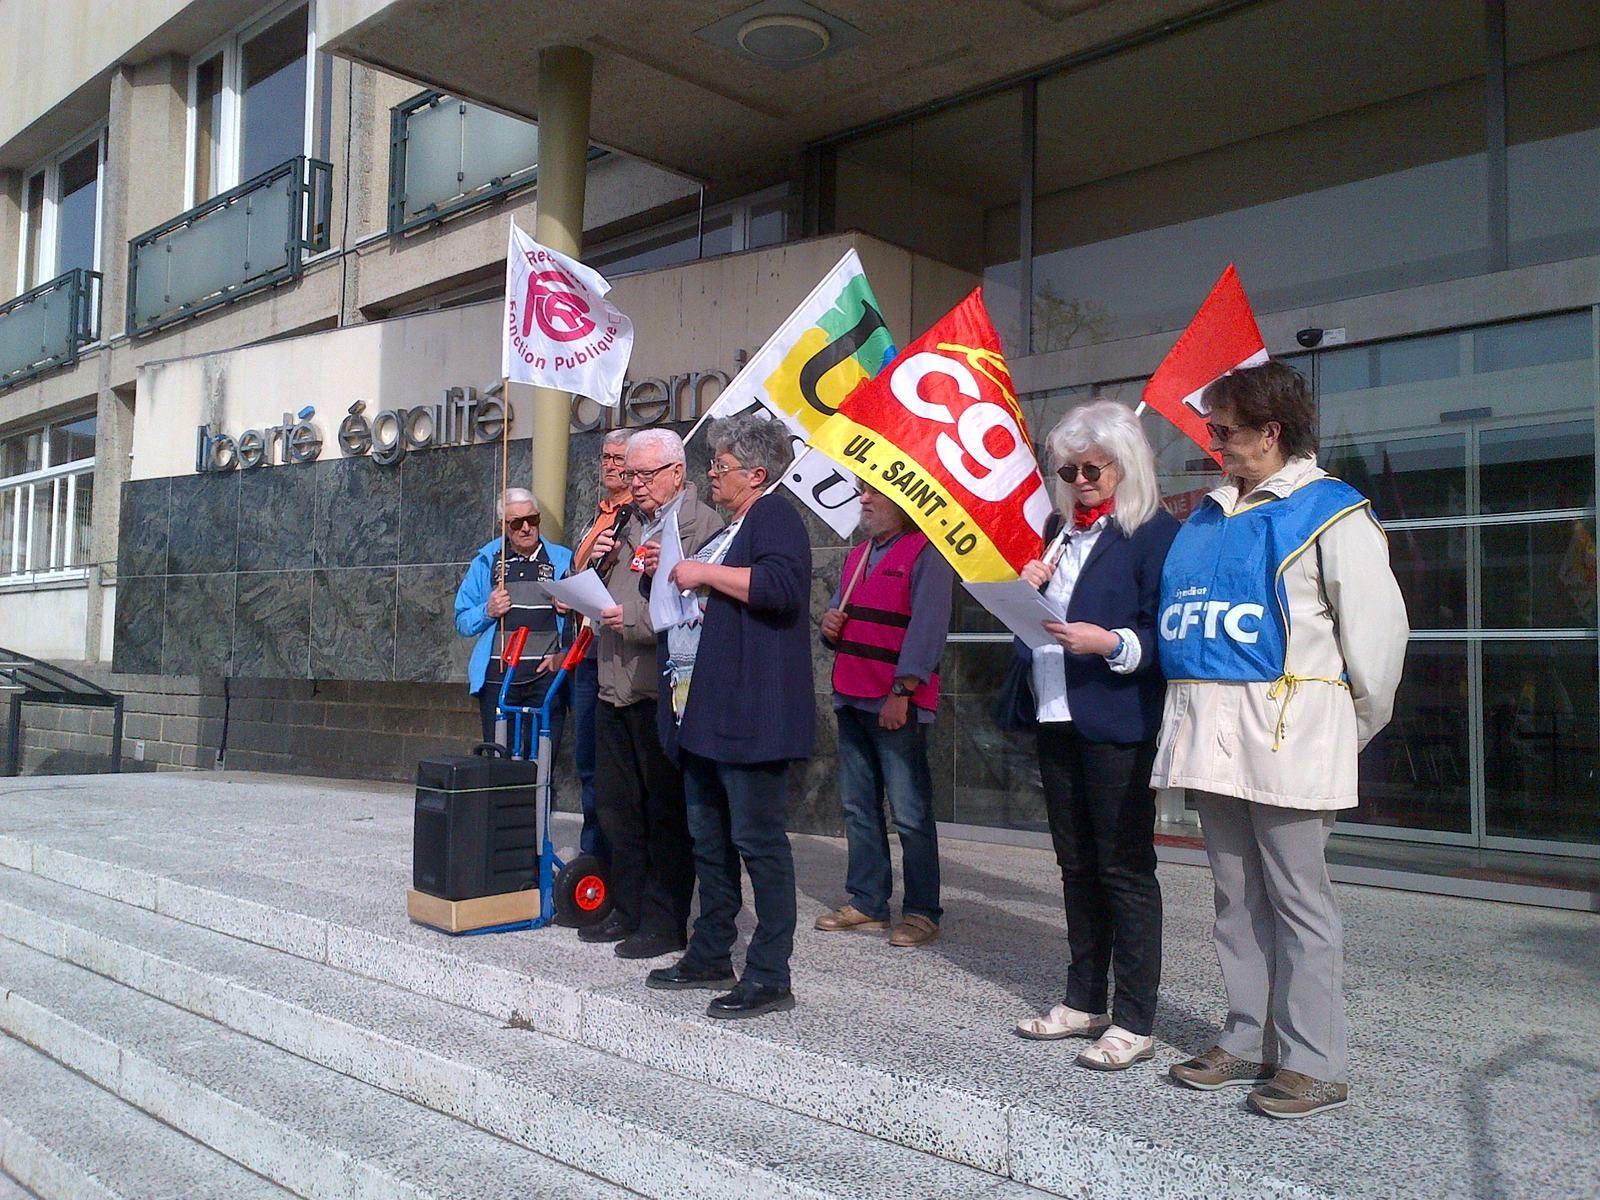 Manifestations des retraités: le 30 mars une centaine de manifesatants